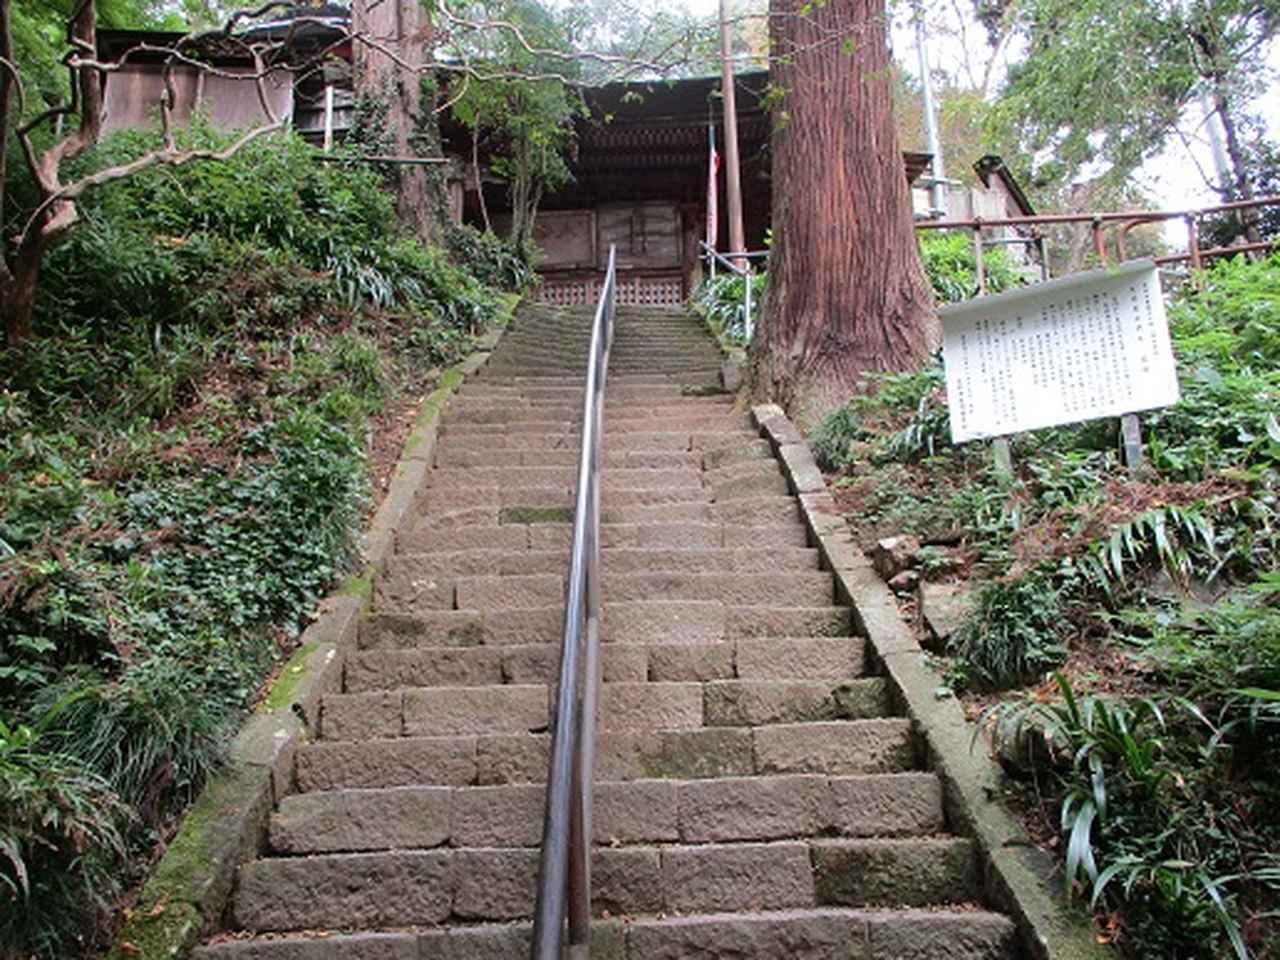 画像7: 【山旅会・登山ガイドこだわりツアー】岡田ガイドからの便り・足利行道山の下見にいってまいりました!